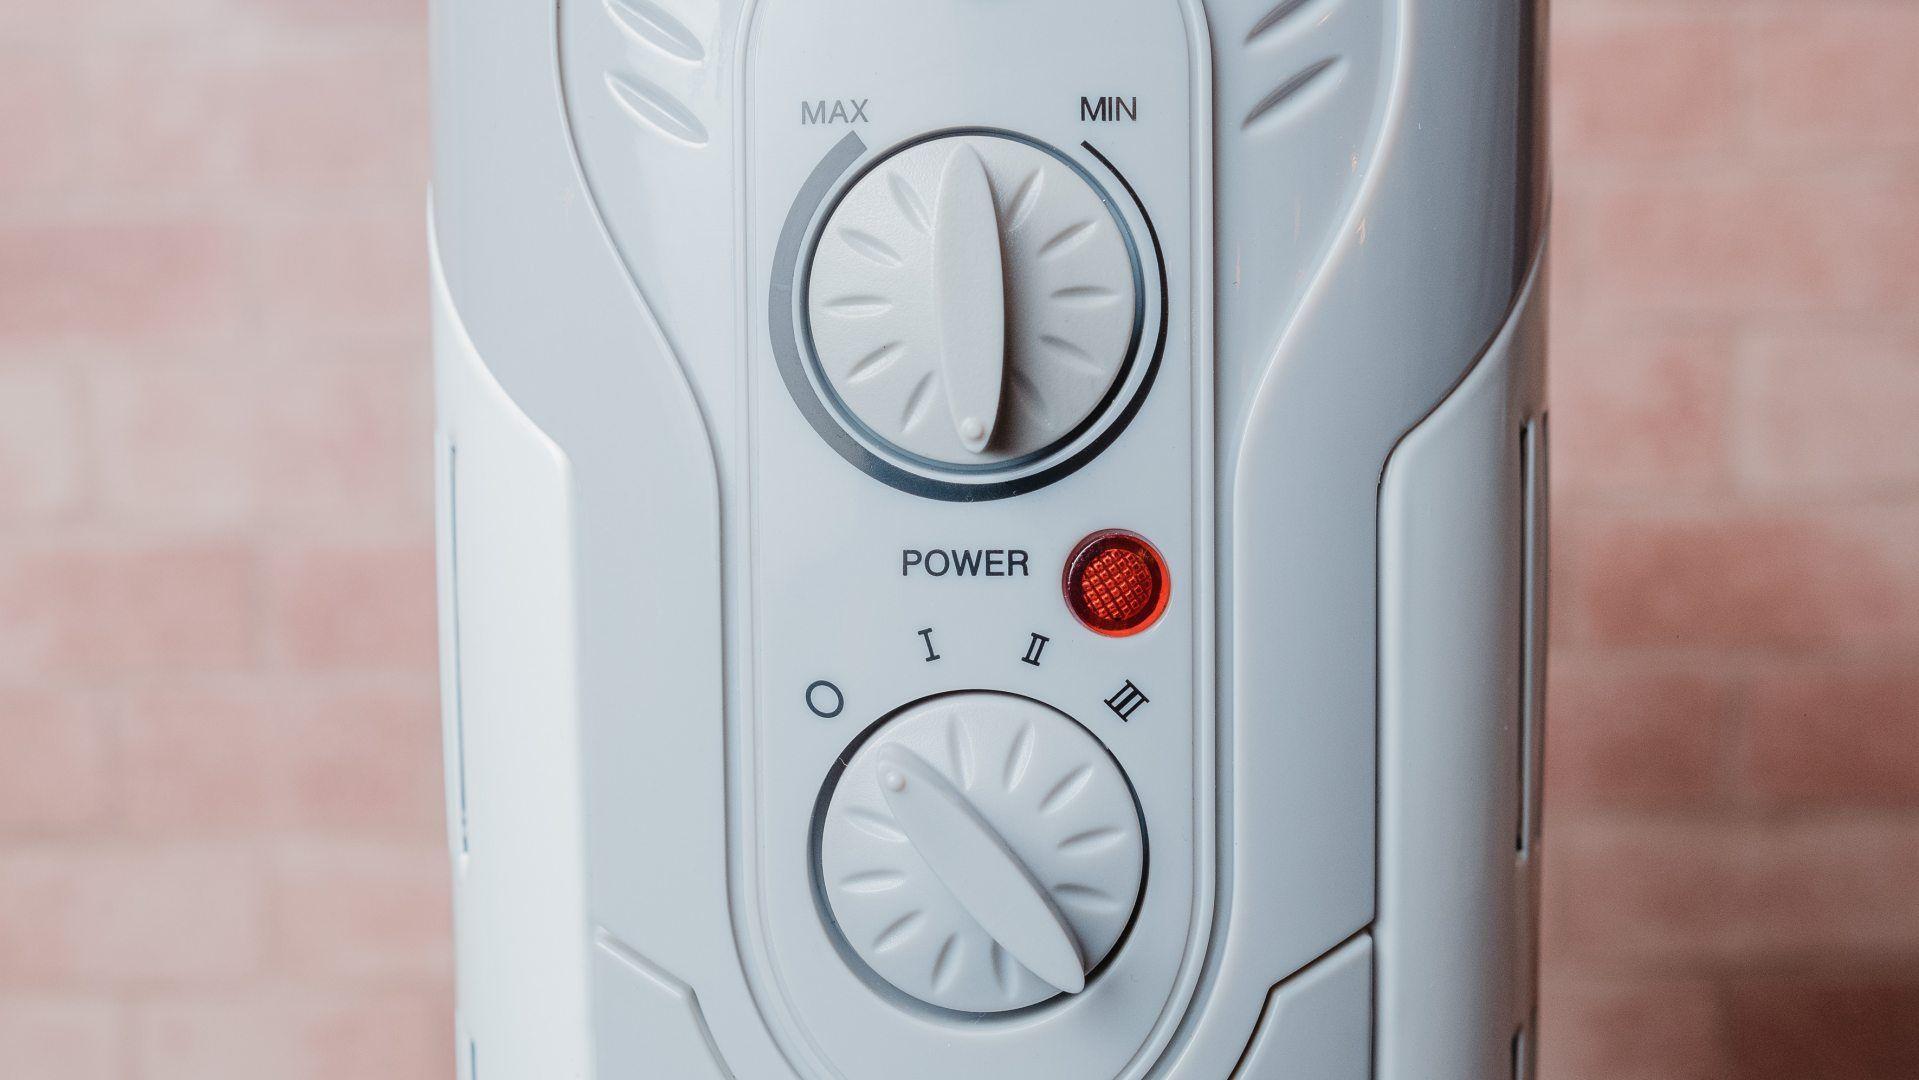 Os botões seletores desse aquecedor a óleo são fáceis de mexer (Foto: Zoom)